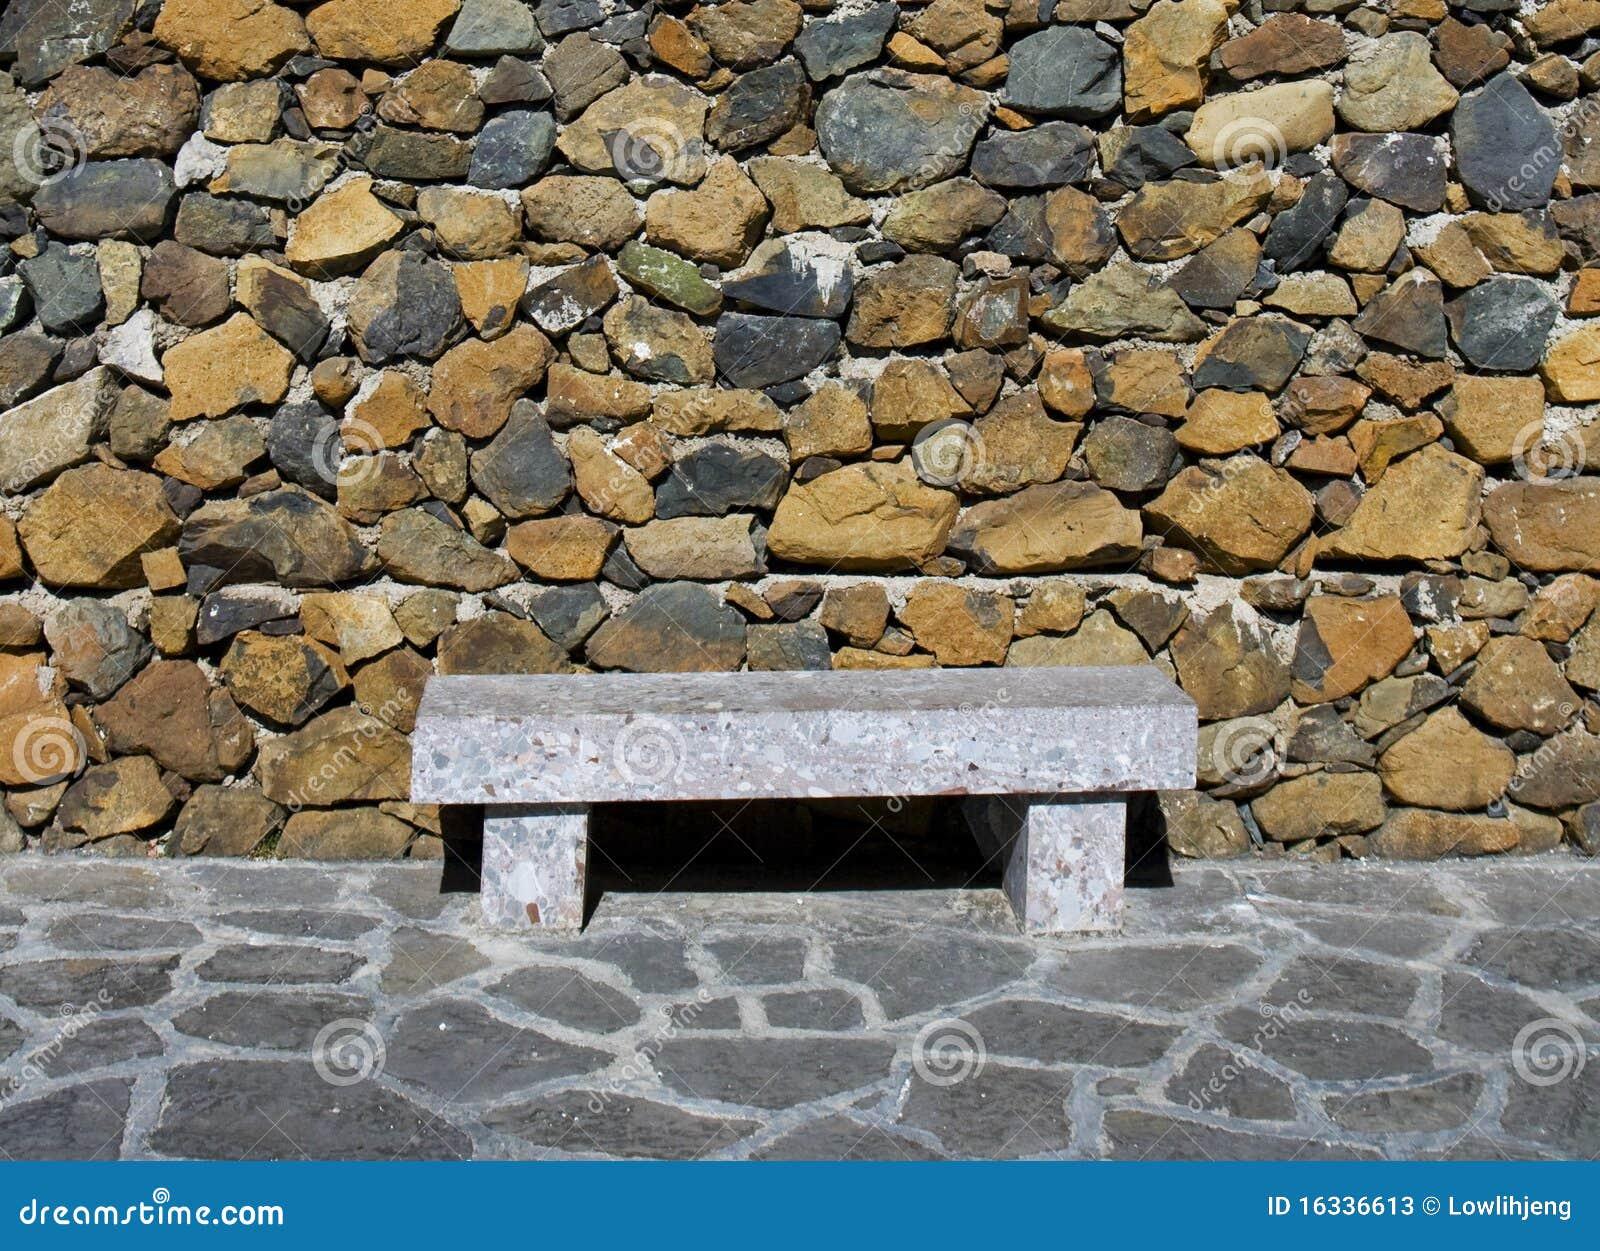 Banco de piedra contra la pared de piedra fotos de archivo for Banco de piedra para jardin